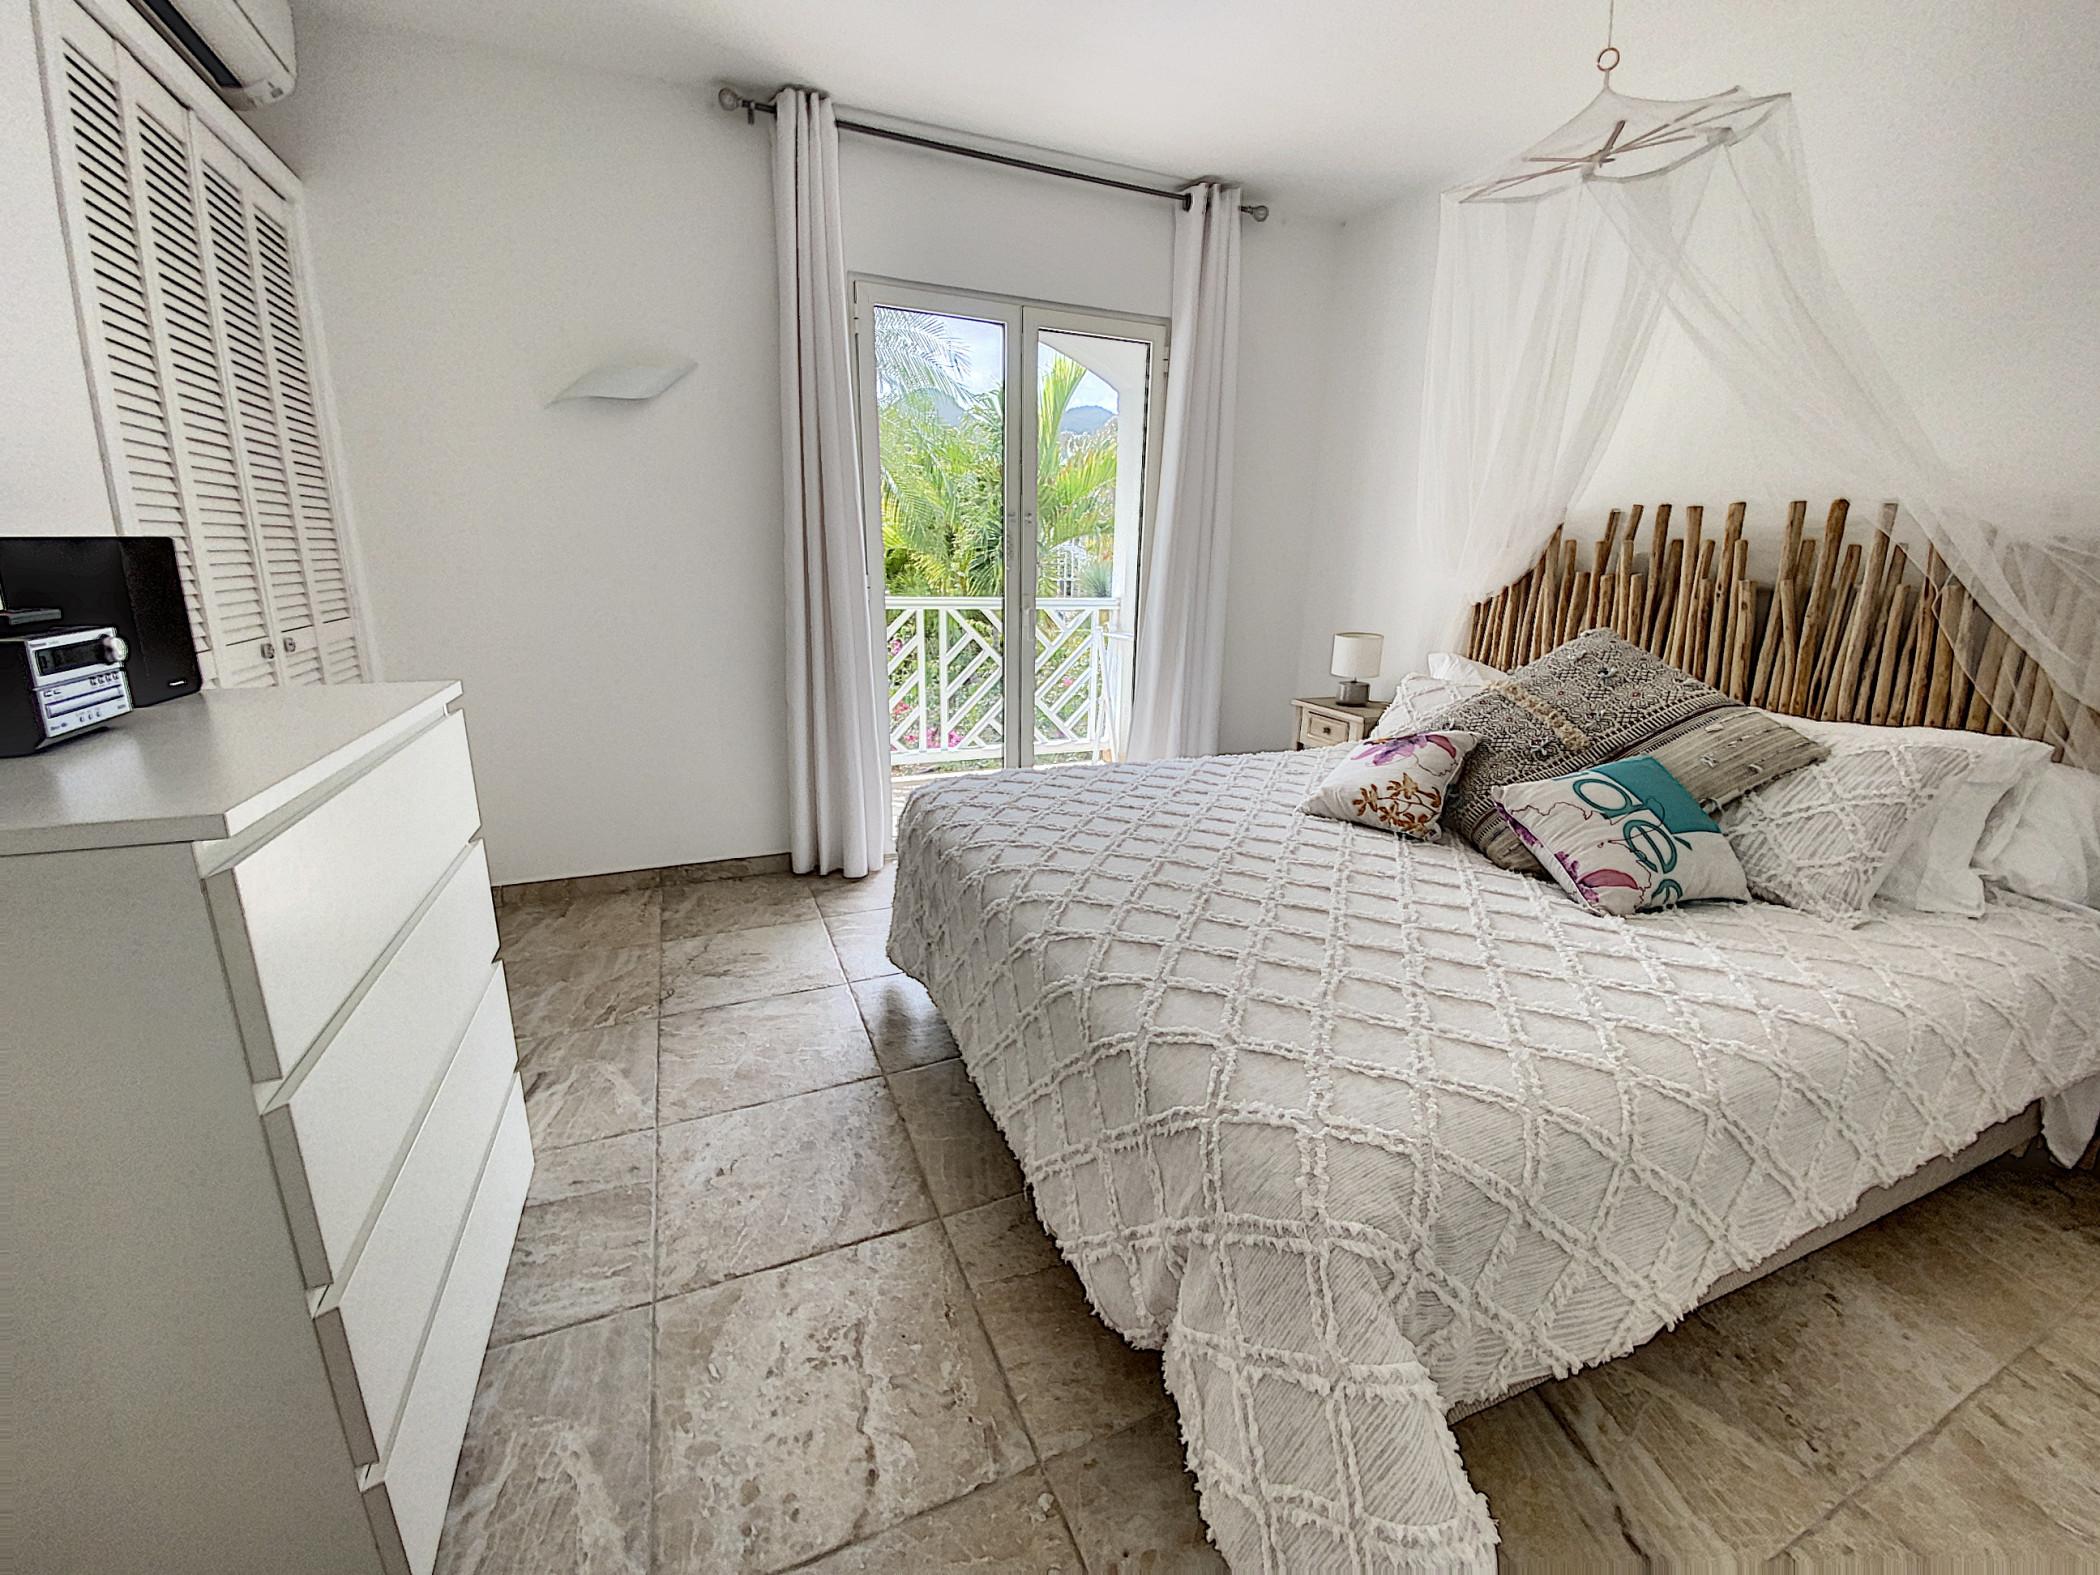 Princess Coco, bel appartement RDC sur la plage d'Orient Bay